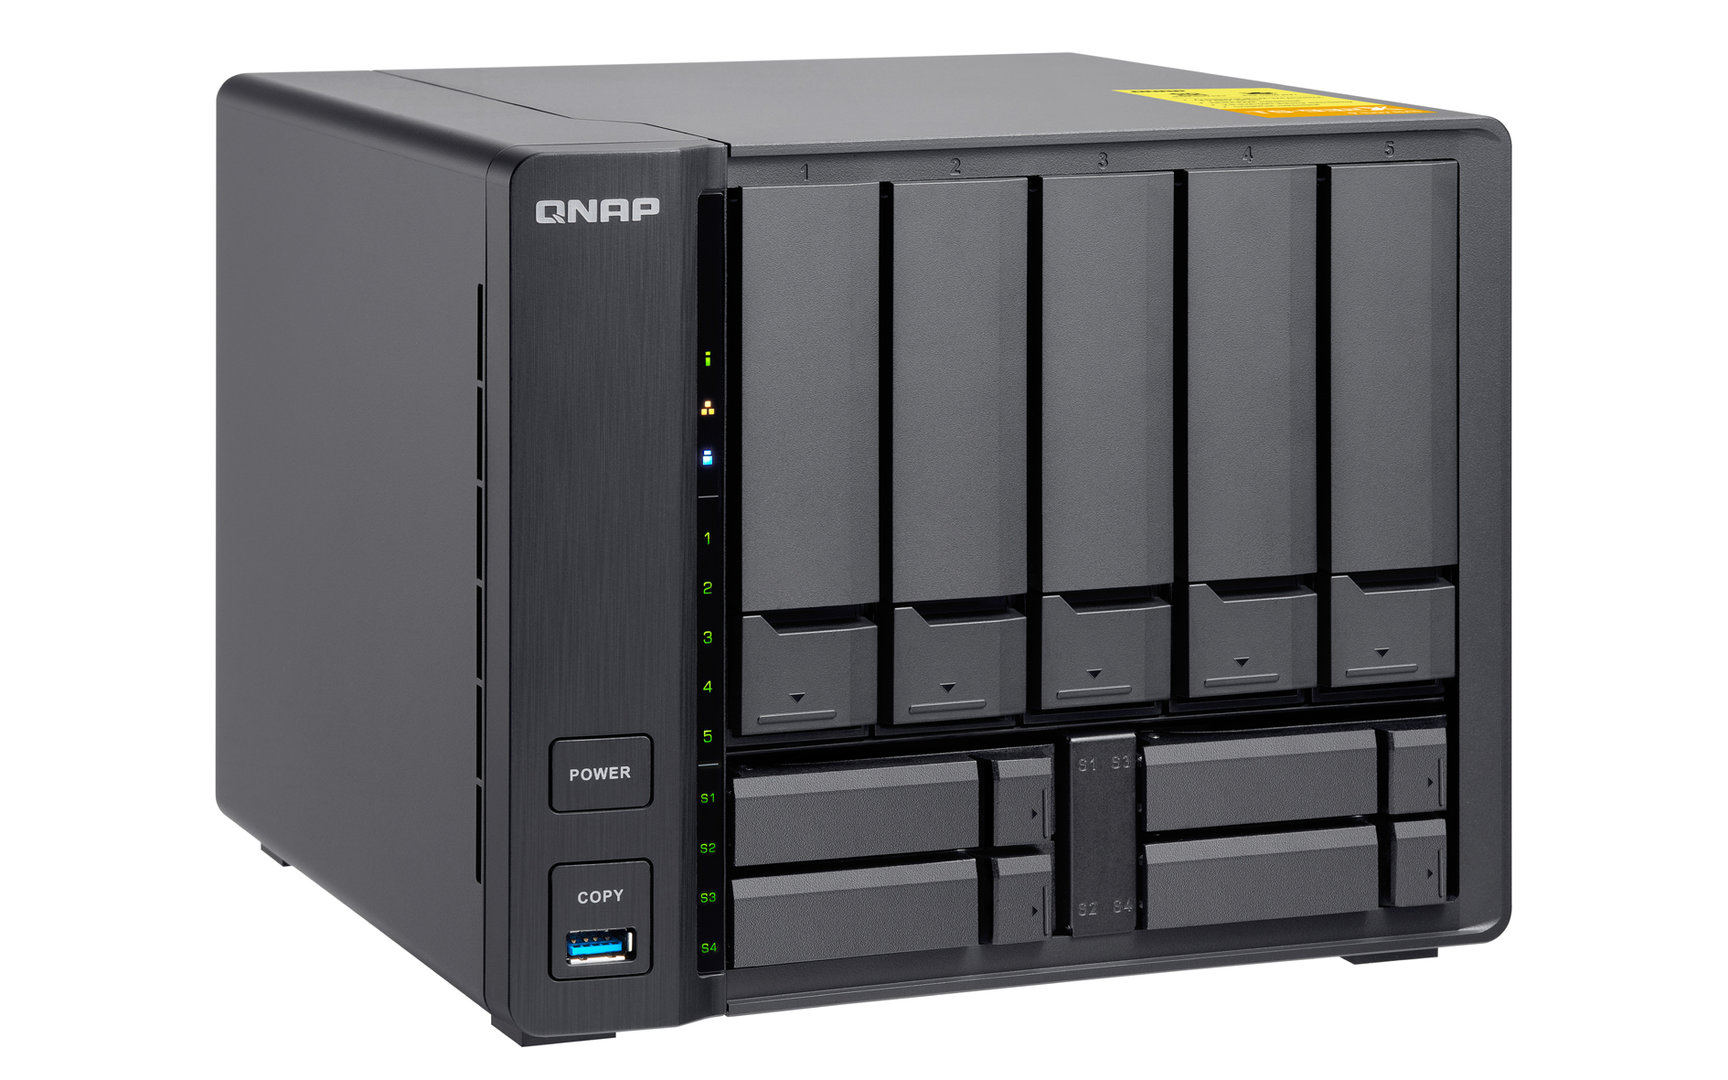 QNAP TS-932X